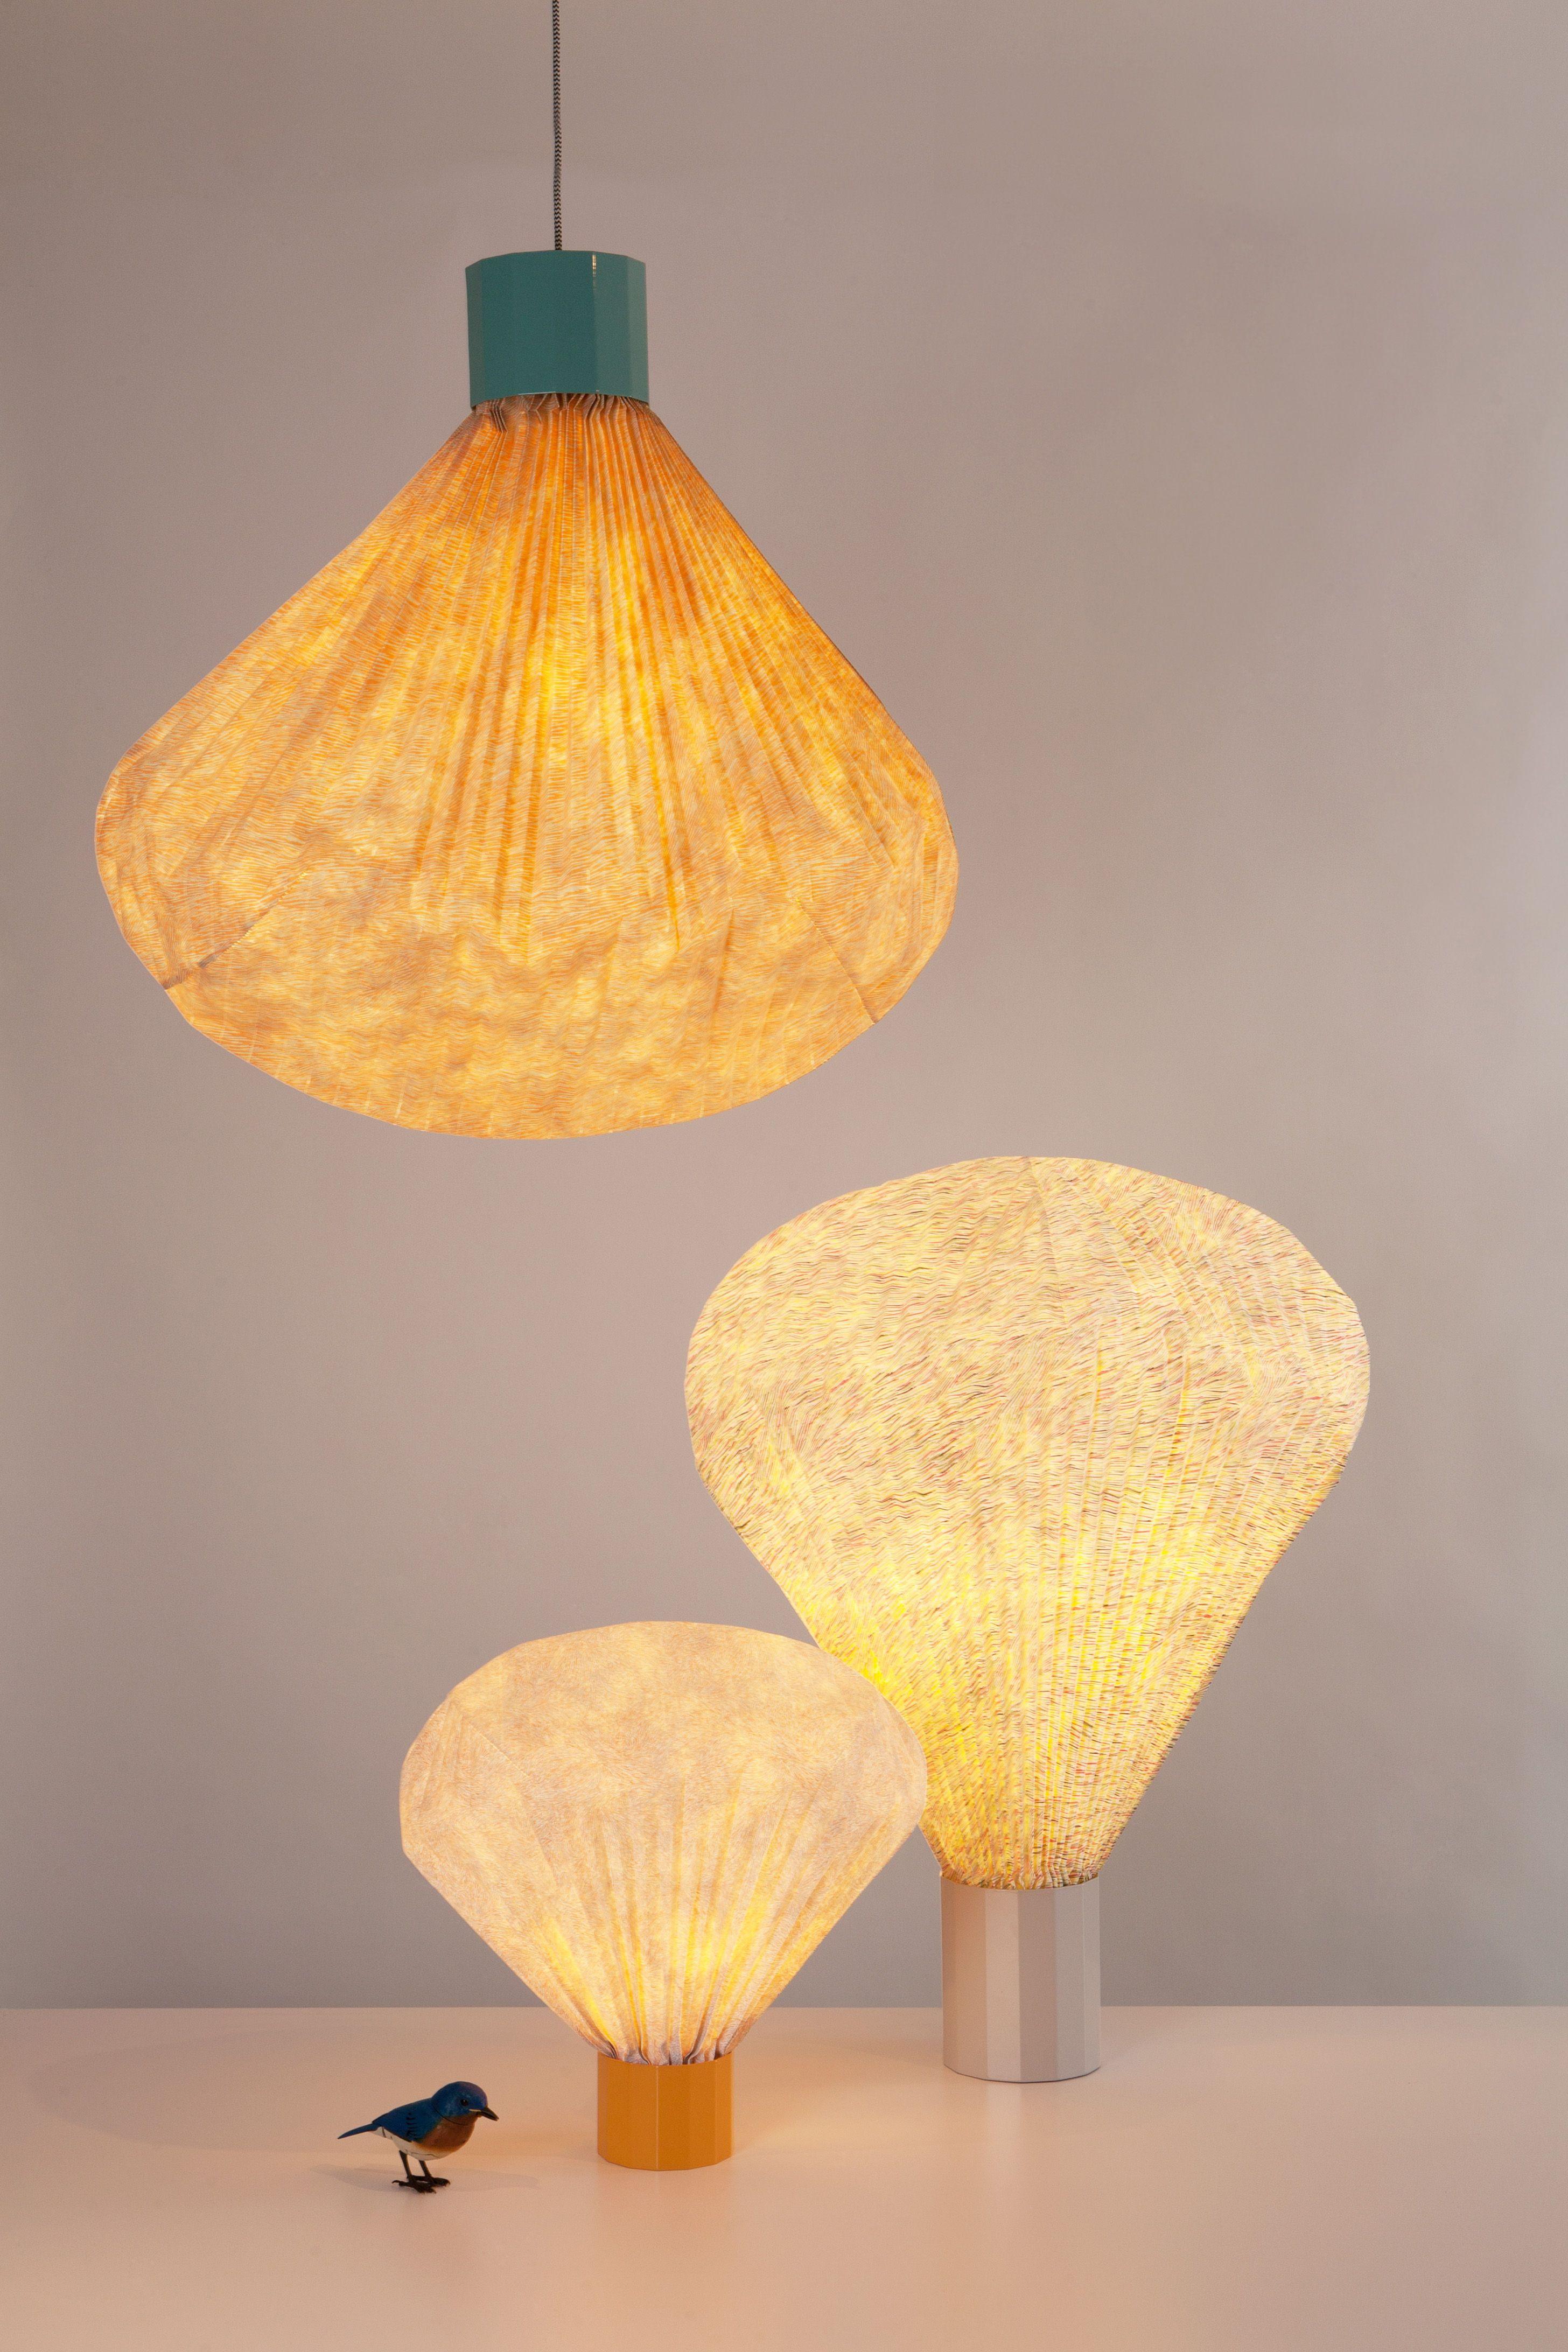 Coloured Vaporetto table lamp H 36 cm by Moustache Details Brand